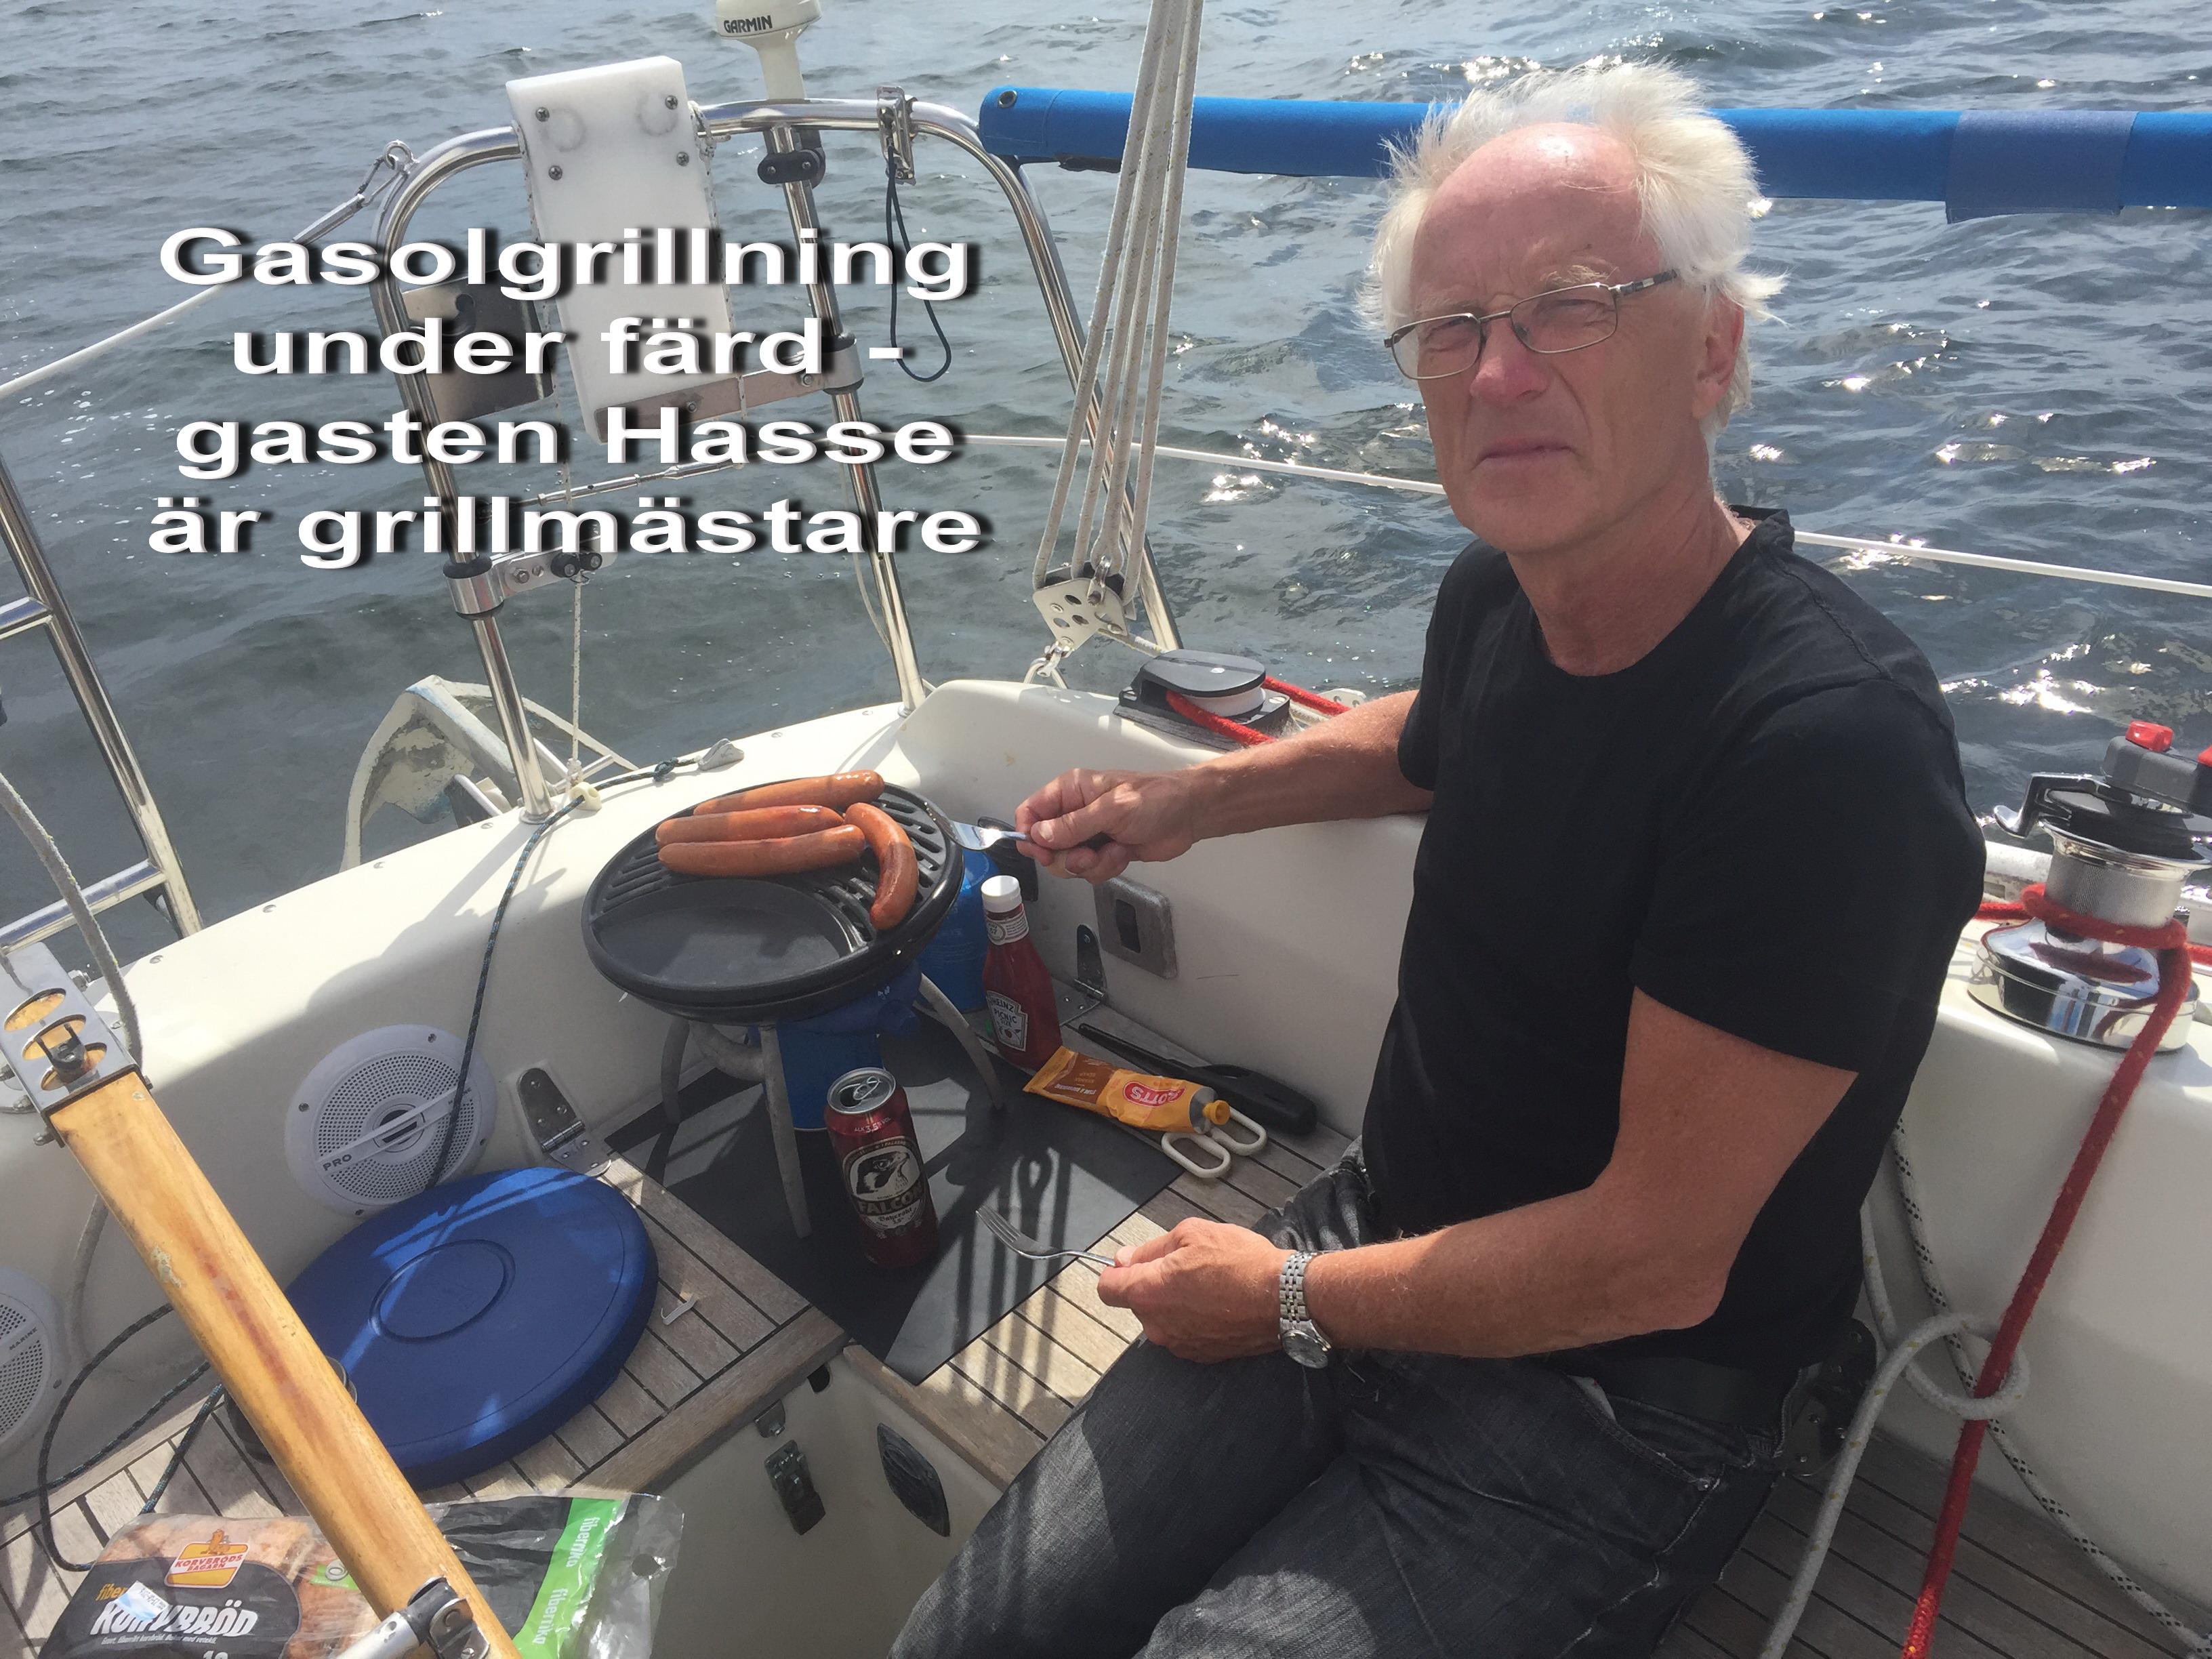 Jan Jonsson 3 Gasolgrillning i sittbrunnen under färd - gasten Hasse är grillmästare - med text